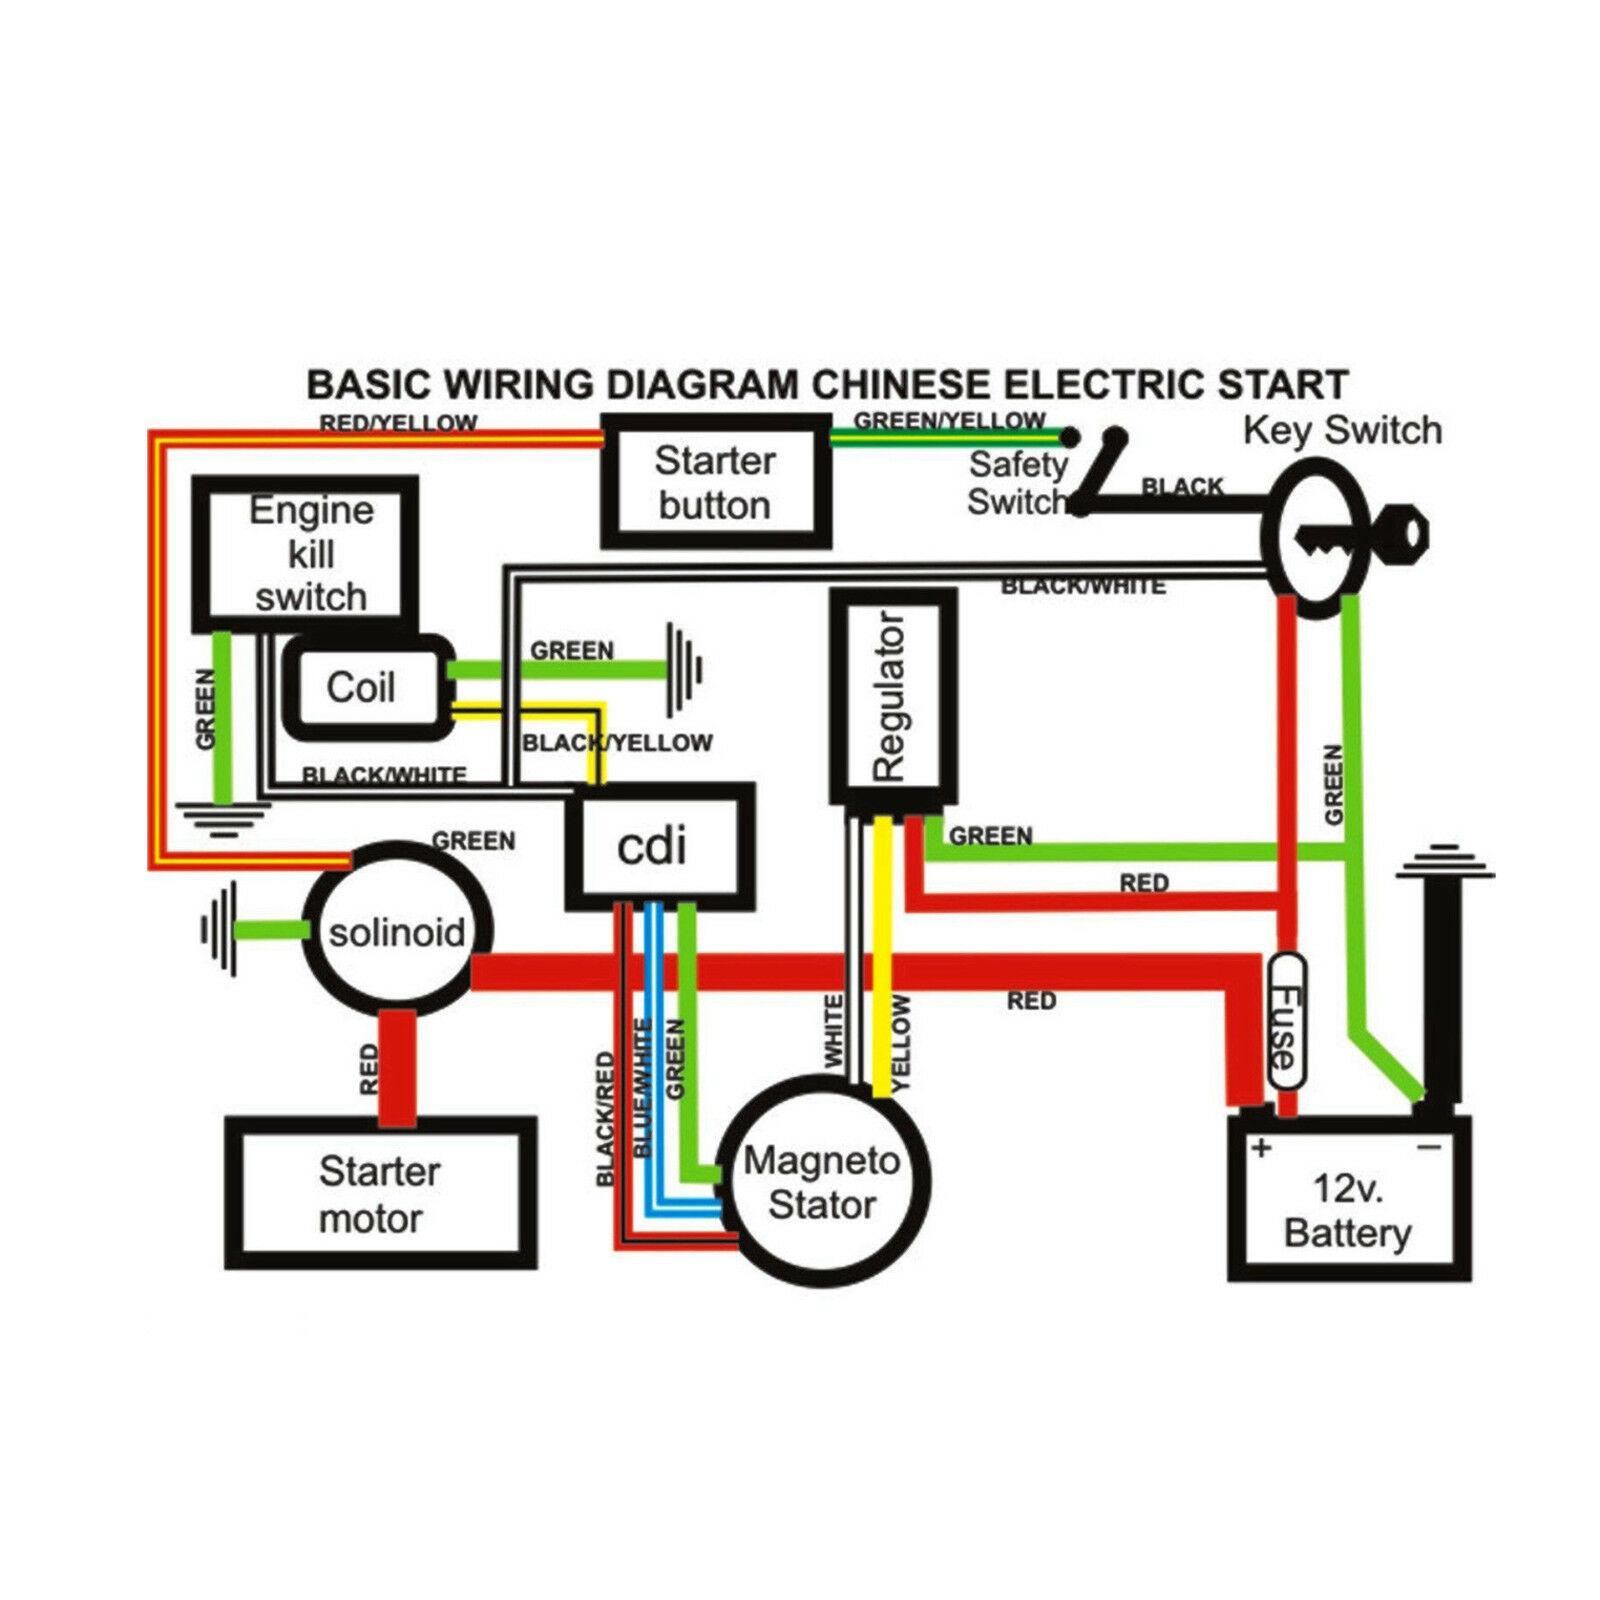 [SCHEMATICS_4UK]  Pit Bike Wiring Harness Diagram - 81 Chevy C10 Wiring Diagram for Wiring  Diagram Schematics | Lifan Engine Wire Schematic |  | Wiring Diagram Schematics